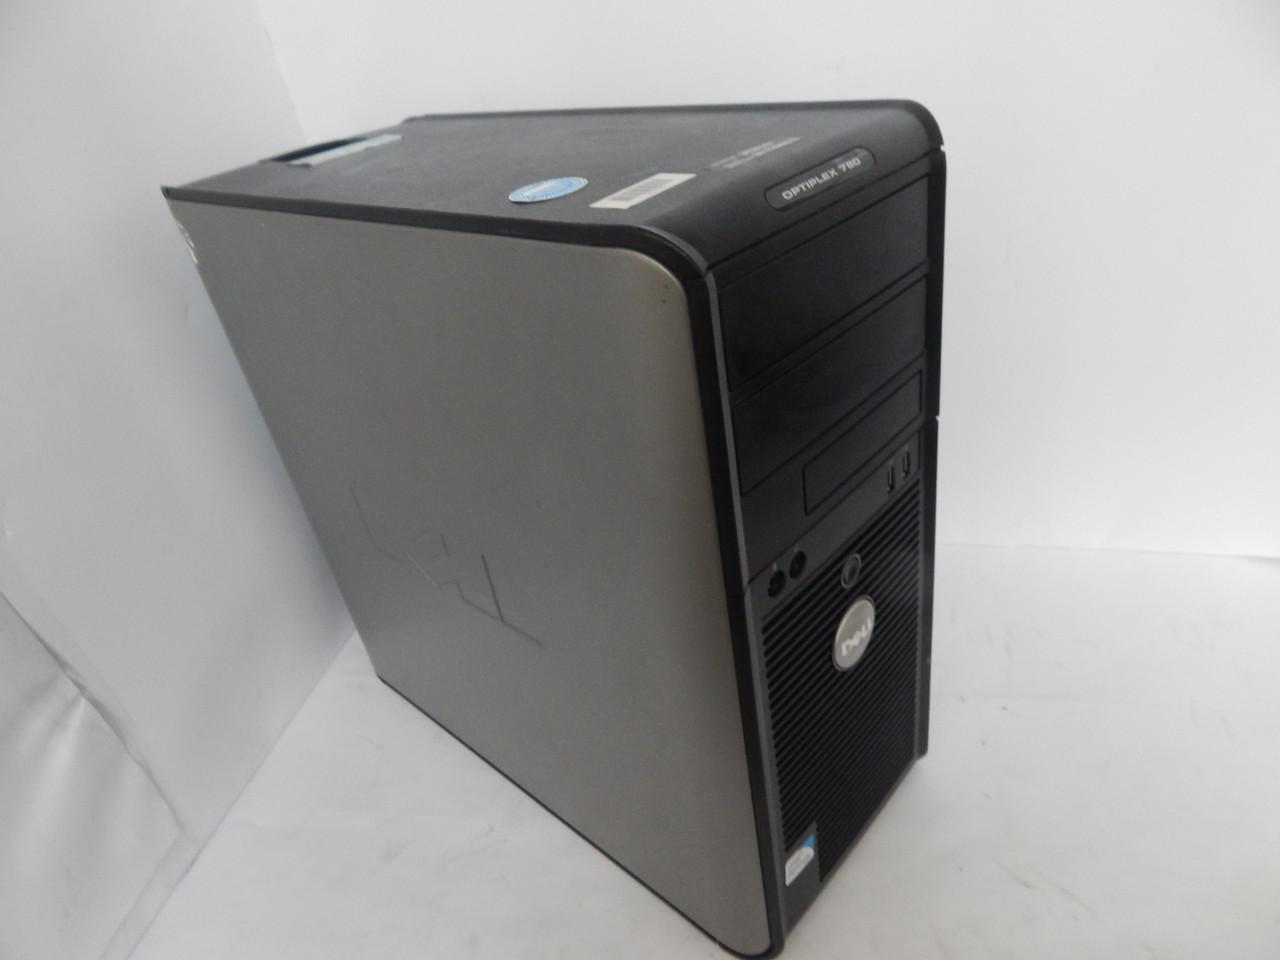 4-х ядерный системный блок Dell 780 с проц.Q6600 ОЗУ-4ГБ DDR3, дис 250ГБ